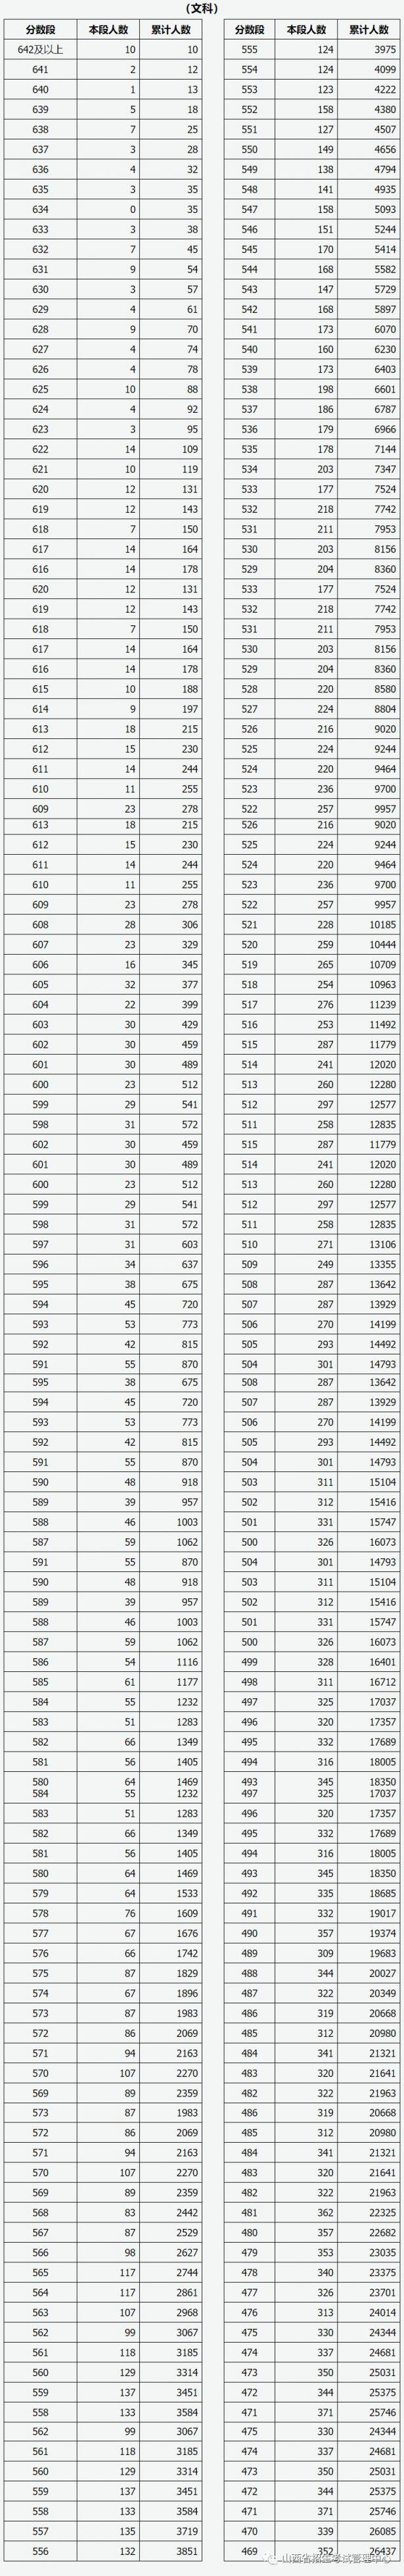 2020山西省高考成绩一分一段表